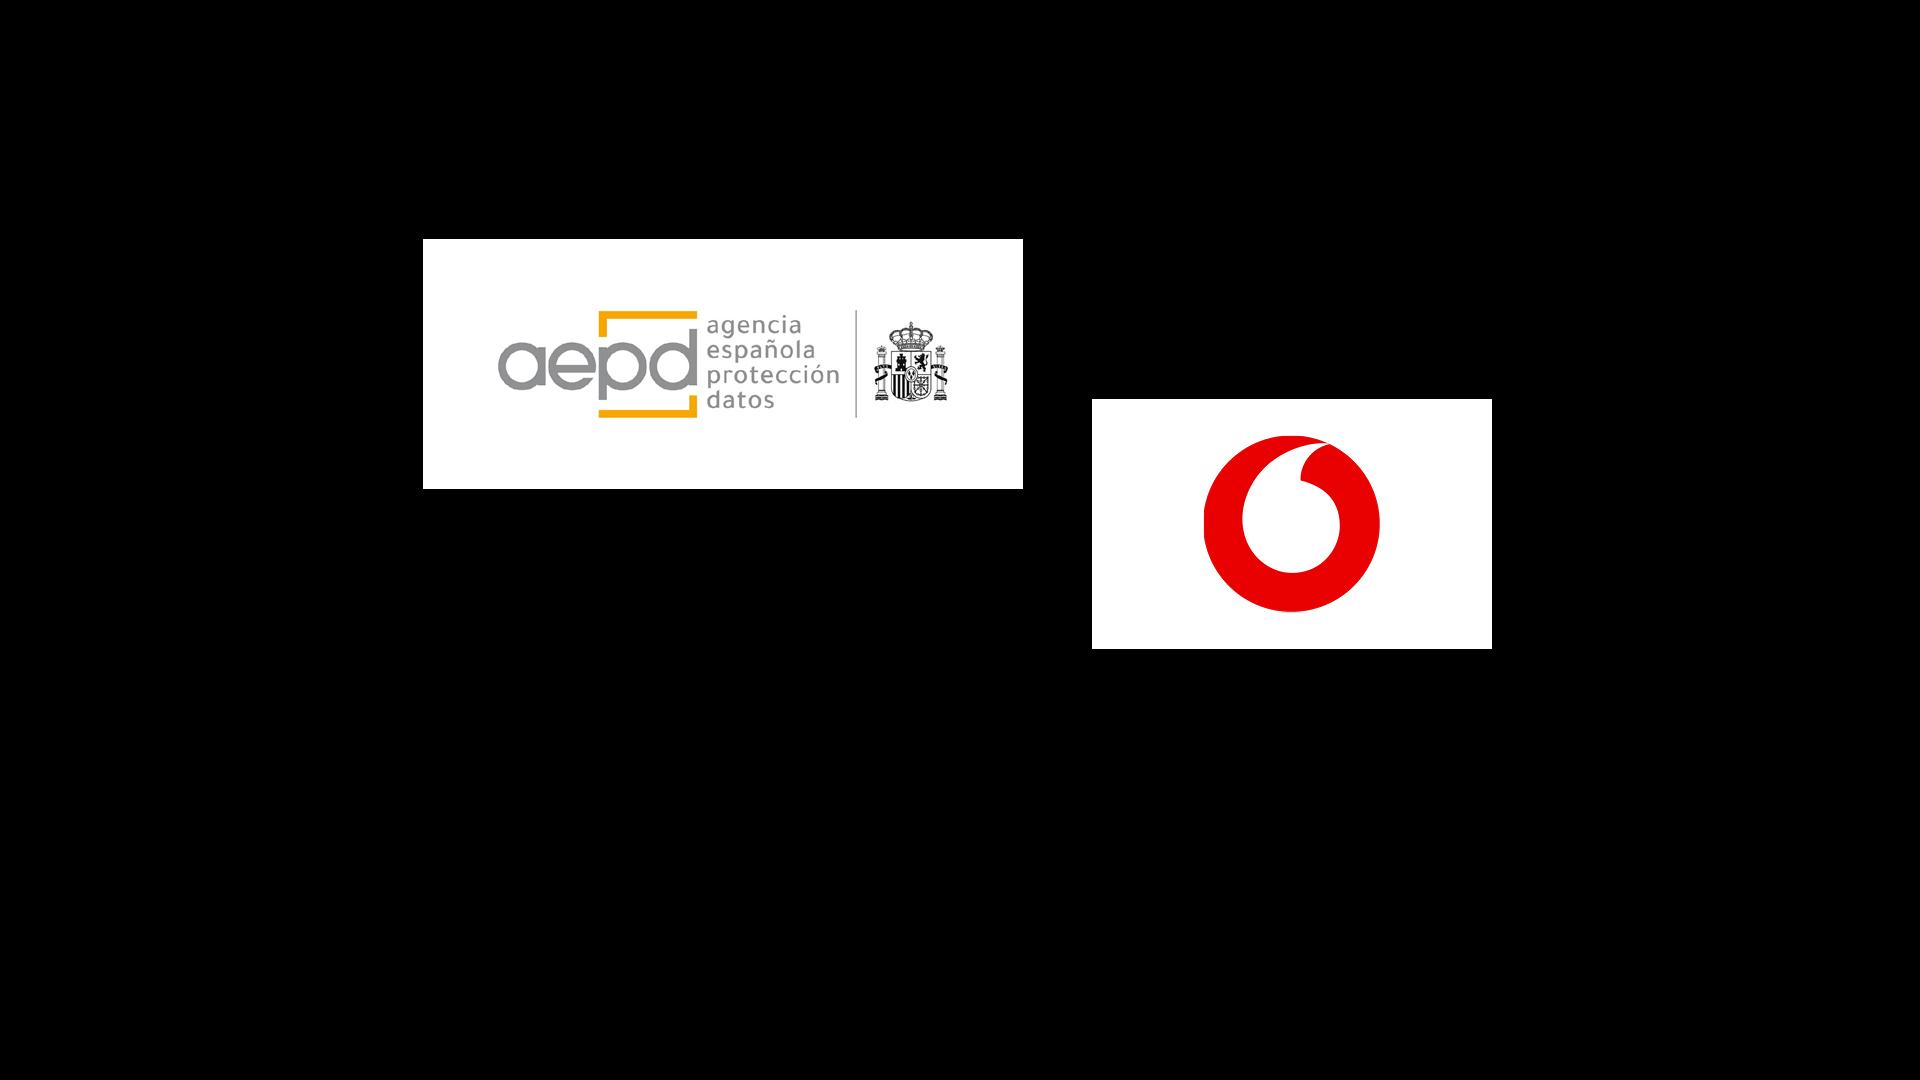 resolución sancionadora de la AEPD sobre Vodafone